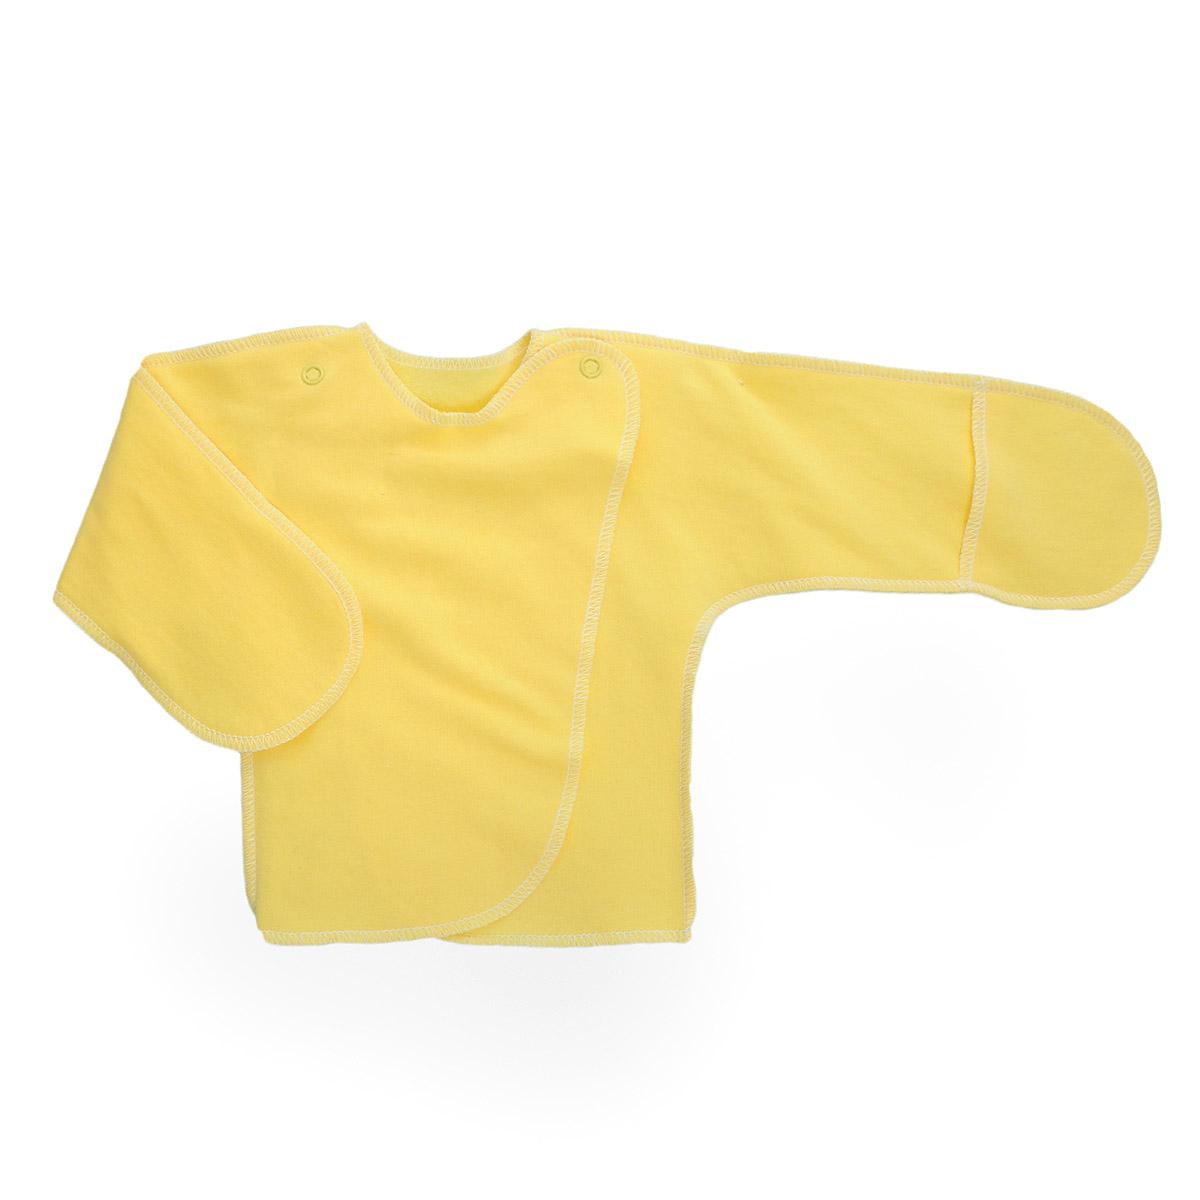 Распашонка Трон-Плюс, цвет: желтый. 5023. Размер 50, 0-1 месяц5023Распашонка с закрытыми ручками Трон-плюс послужит идеальным дополнением к гардеробу младенца. Распашонка, выполненная швами наружу, изготовлена из футера - натурального плотного хлопка, благодаря чему она необычайно мягкая, легкая и теплая, не раздражает нежную кожу ребенка и хорошо вентилируется, а эластичные швы приятны телу младенца и не препятствуют его движениям. Распашонка с запахом, застегивается при помощи двух кнопок на плечах, которые позволяют без труда переодеть ребенка. Благодаря рукавичкам ребенок не поцарапает себя.